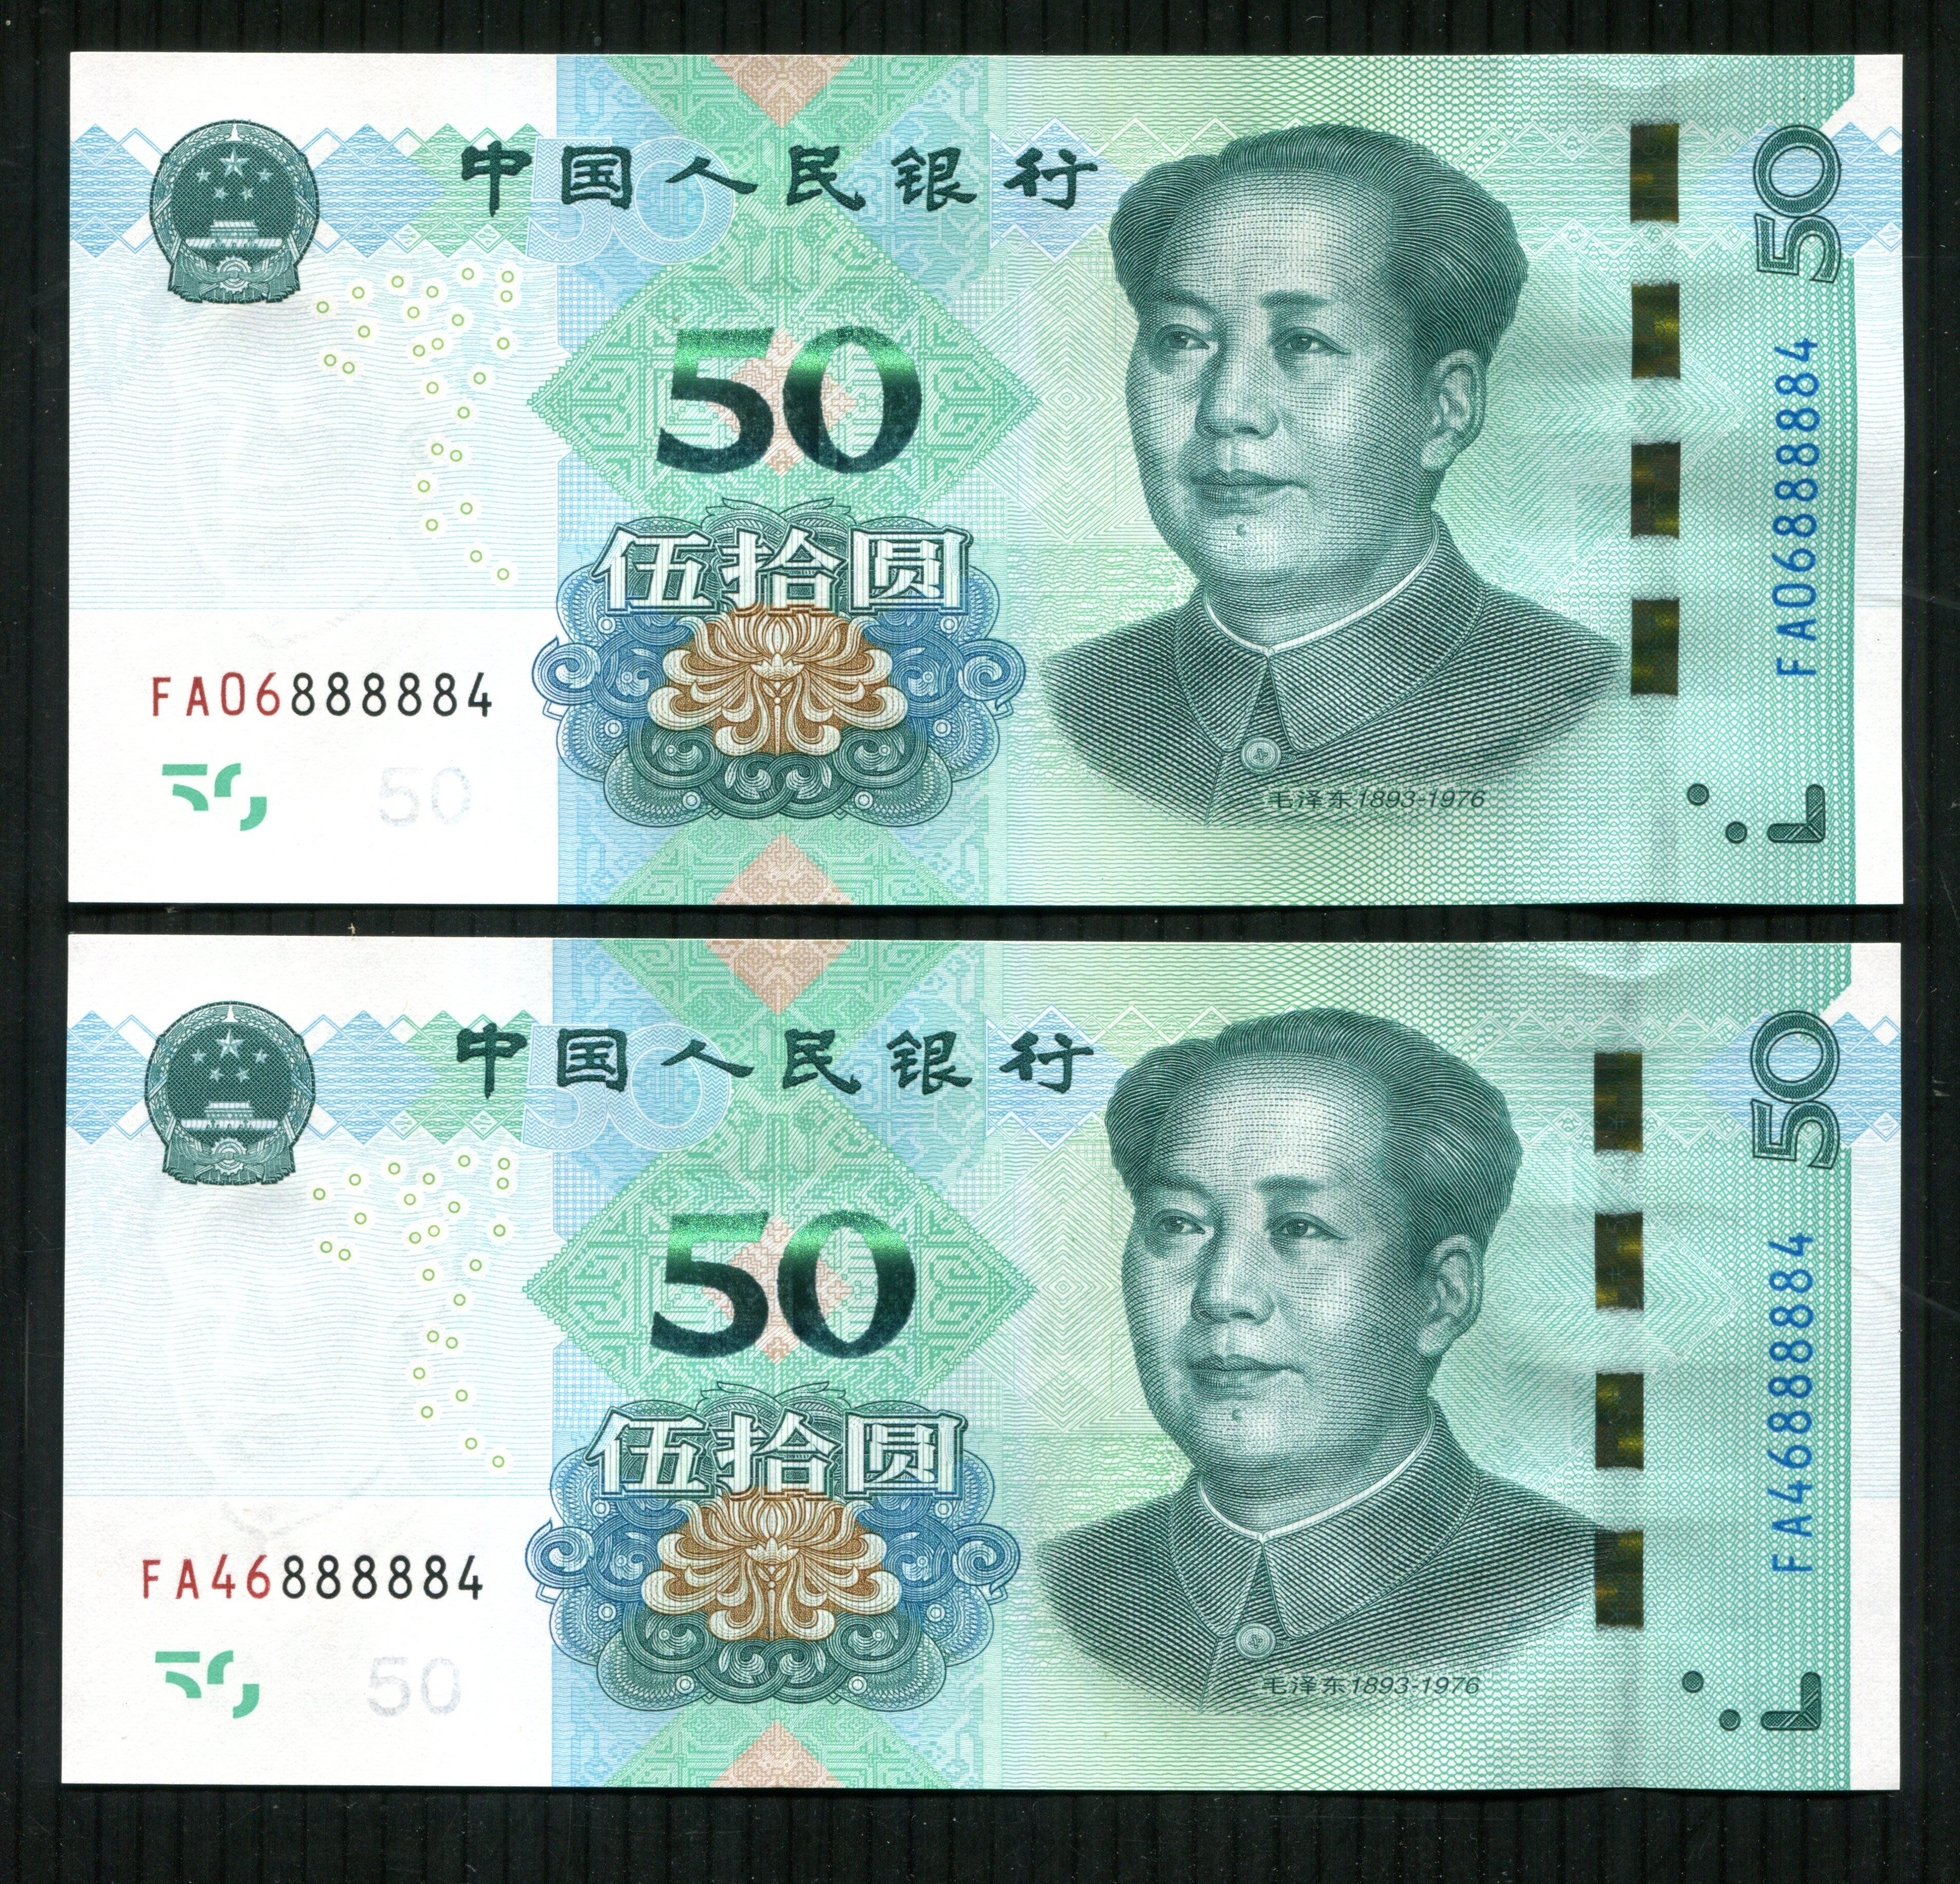 最新版人民幣2019年50元紙鈔=FA首發冠=88888尾7同號=1組2張